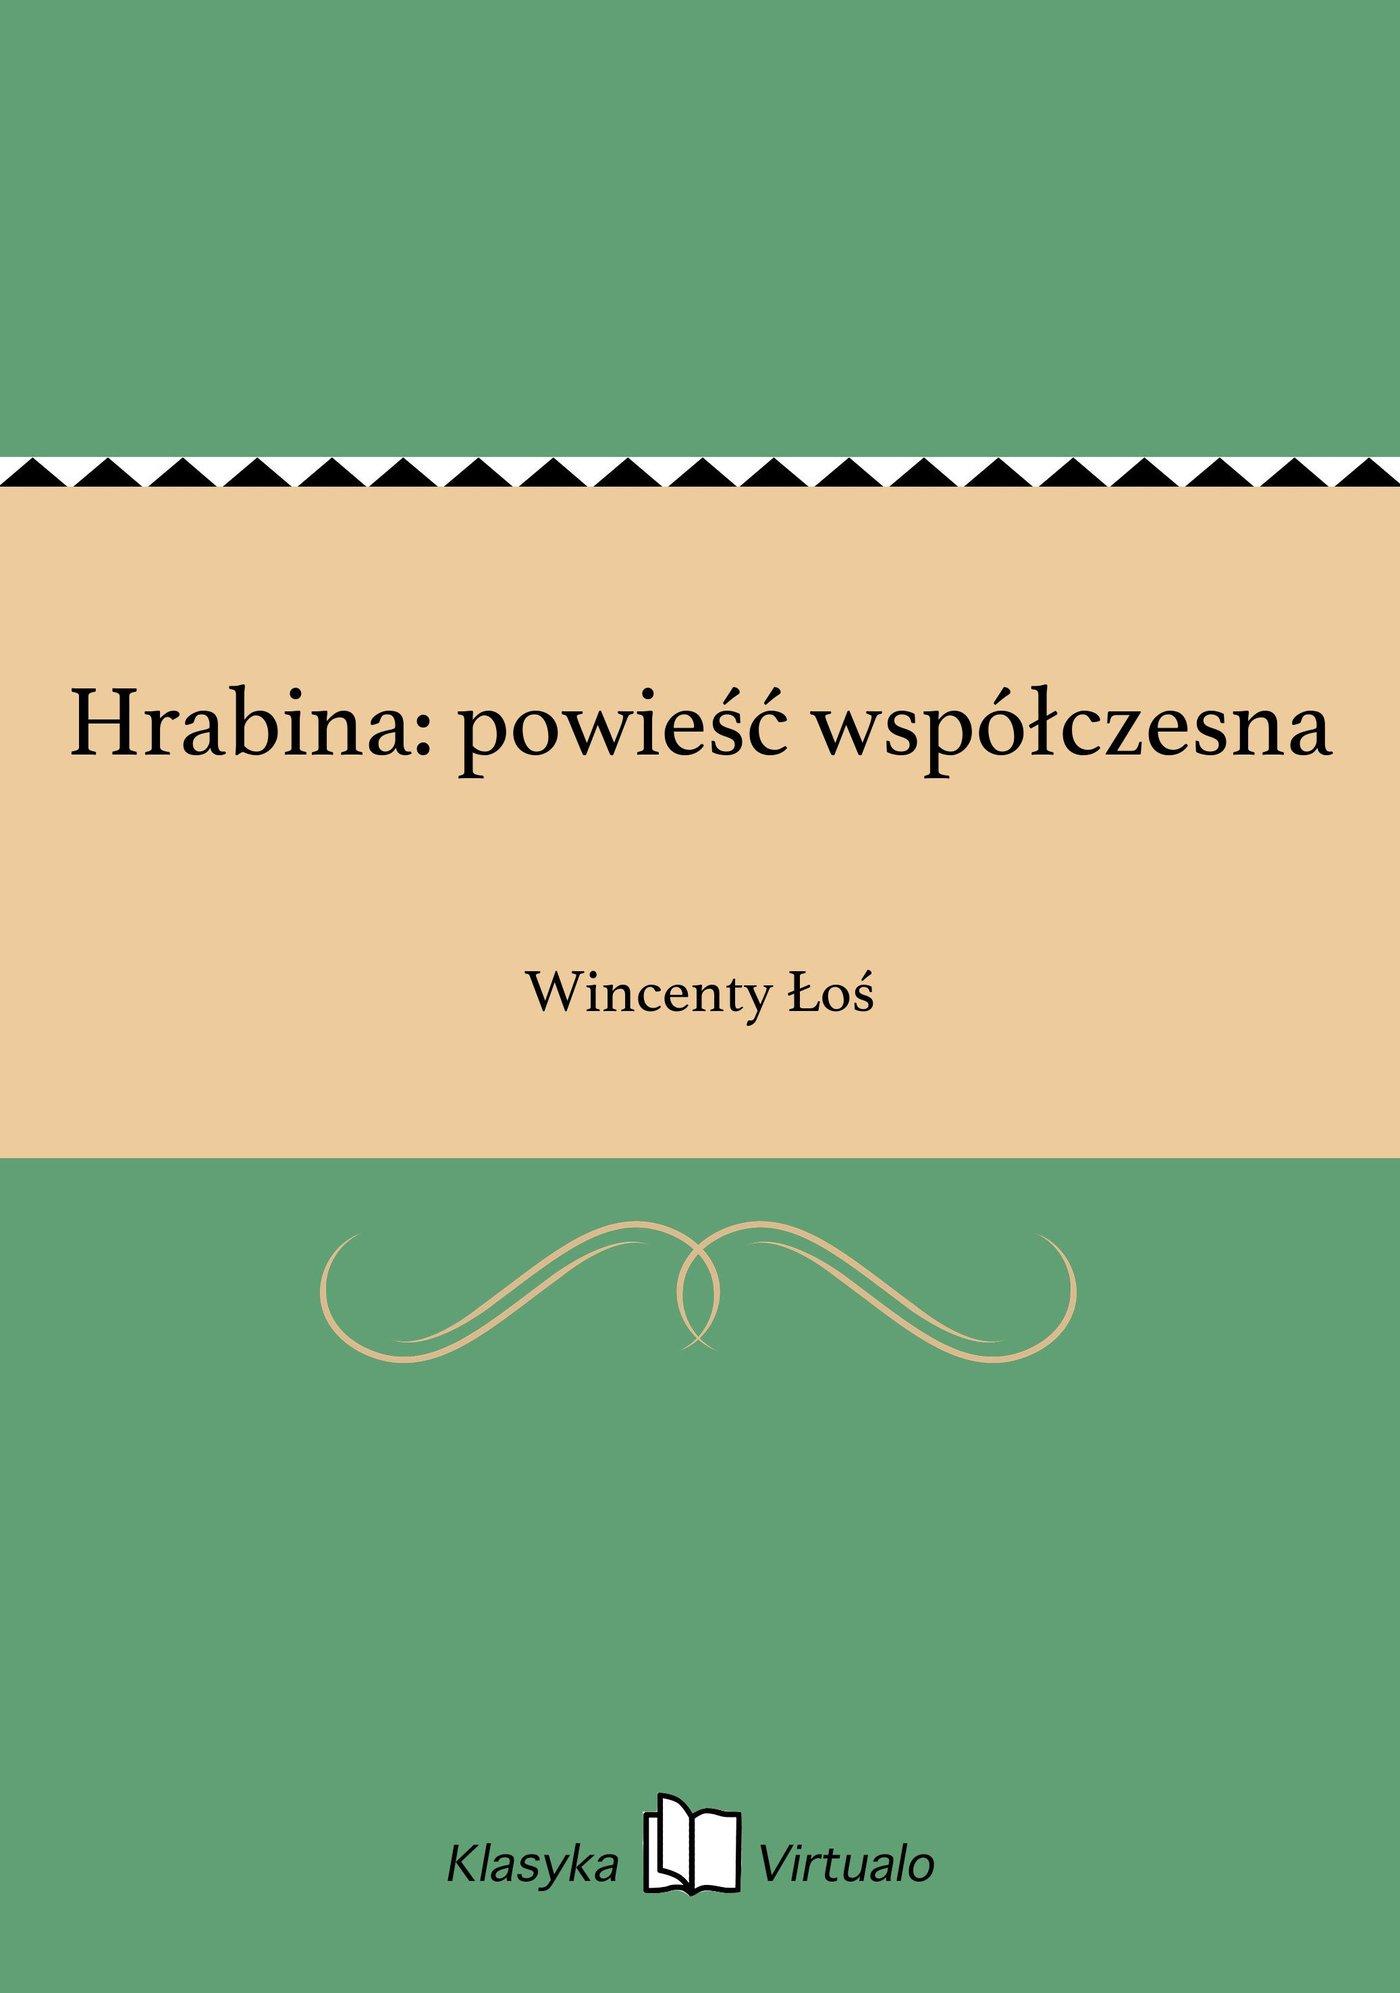 Hrabina: powieść współczesna - Ebook (Książka EPUB) do pobrania w formacie EPUB